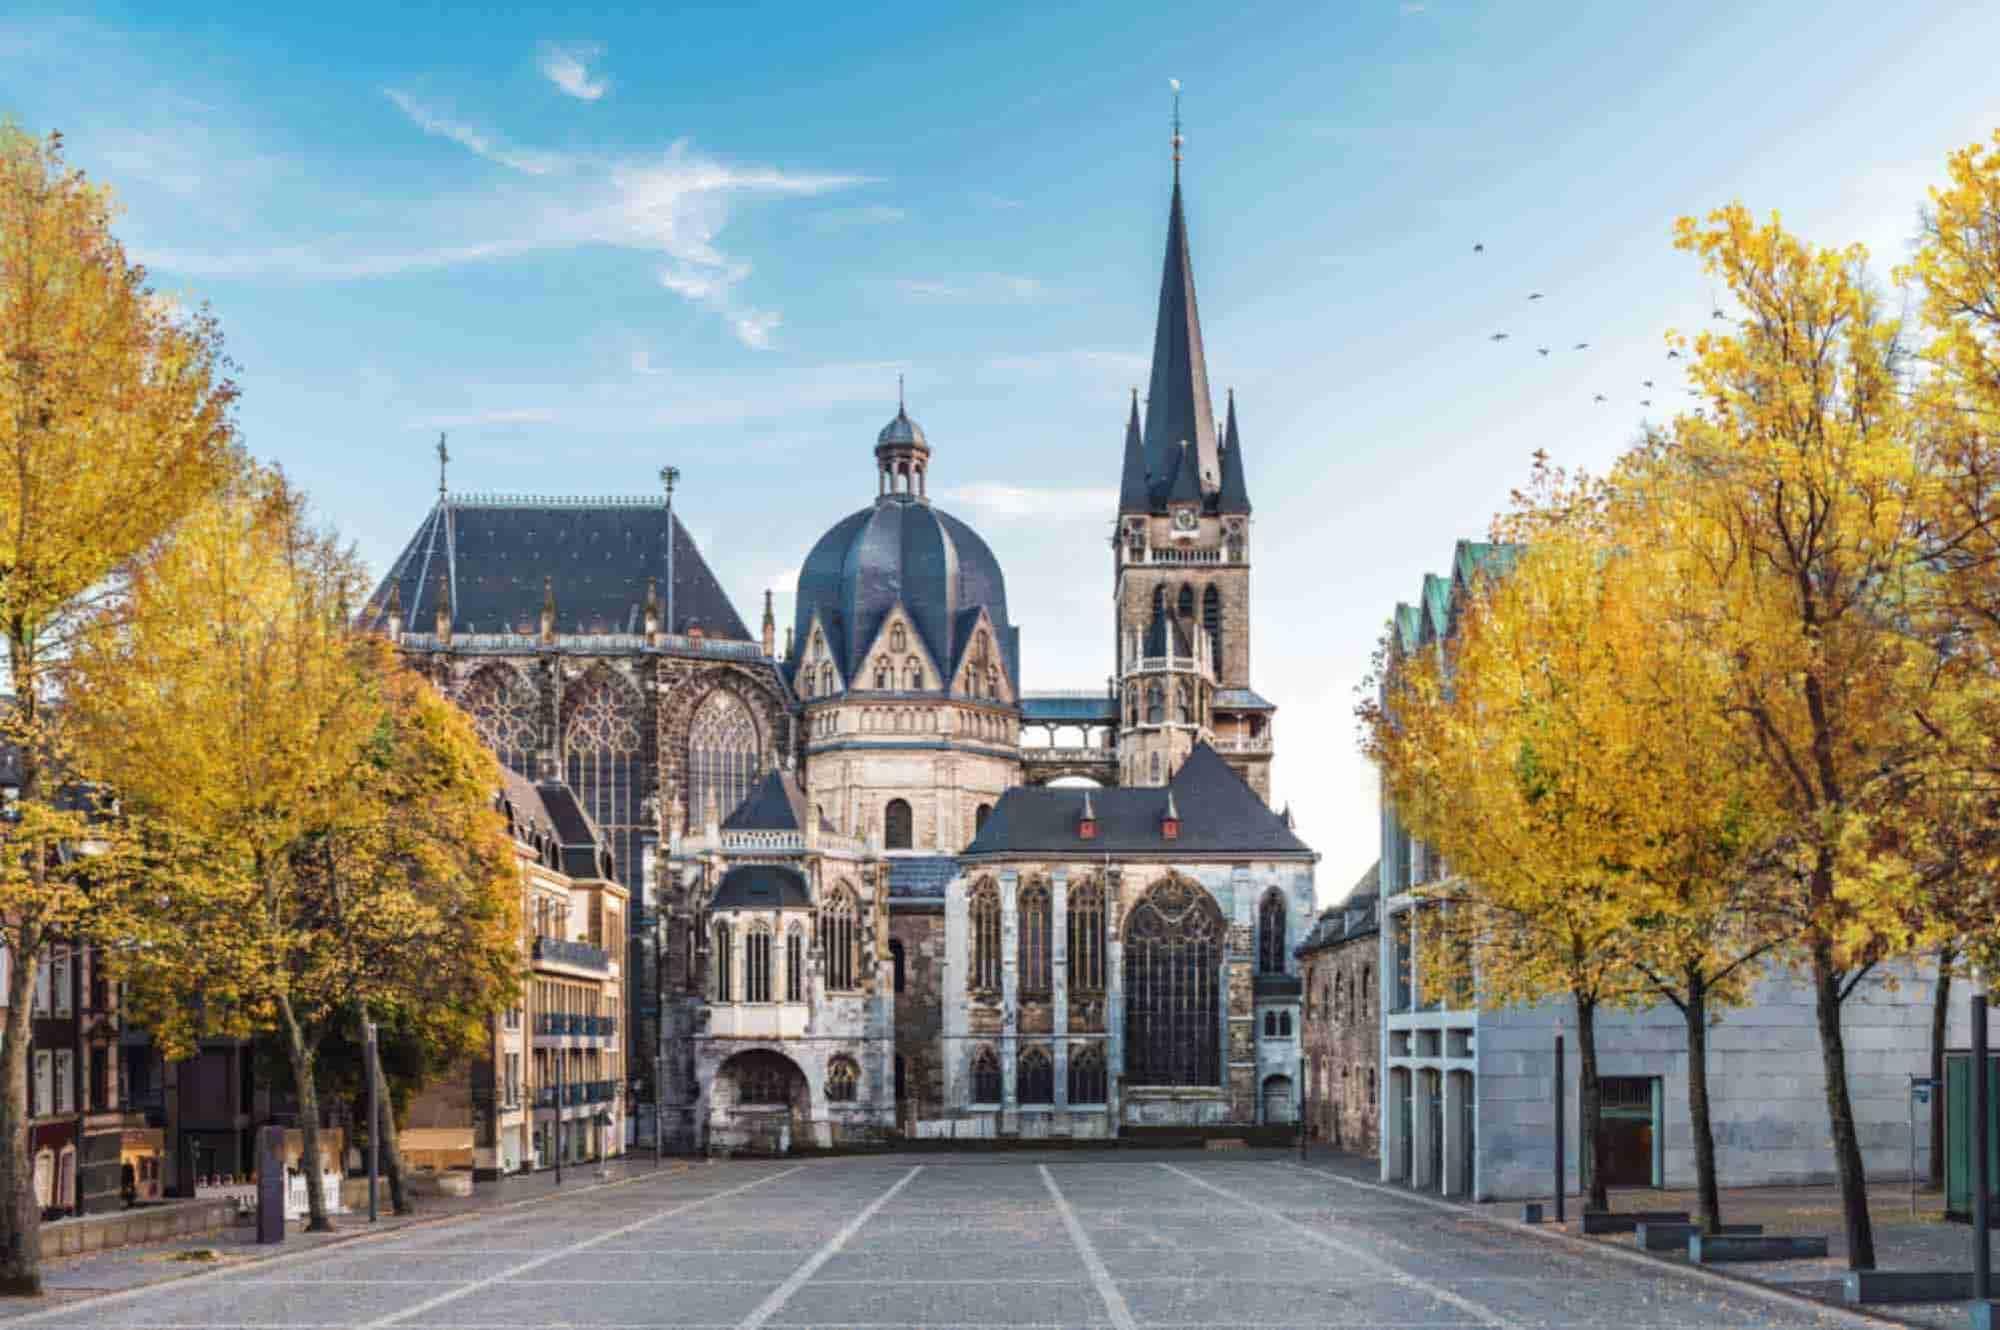 Ankunft in Aachen zum Ende dieser Reise durch Holland, Deutschland und Belgien